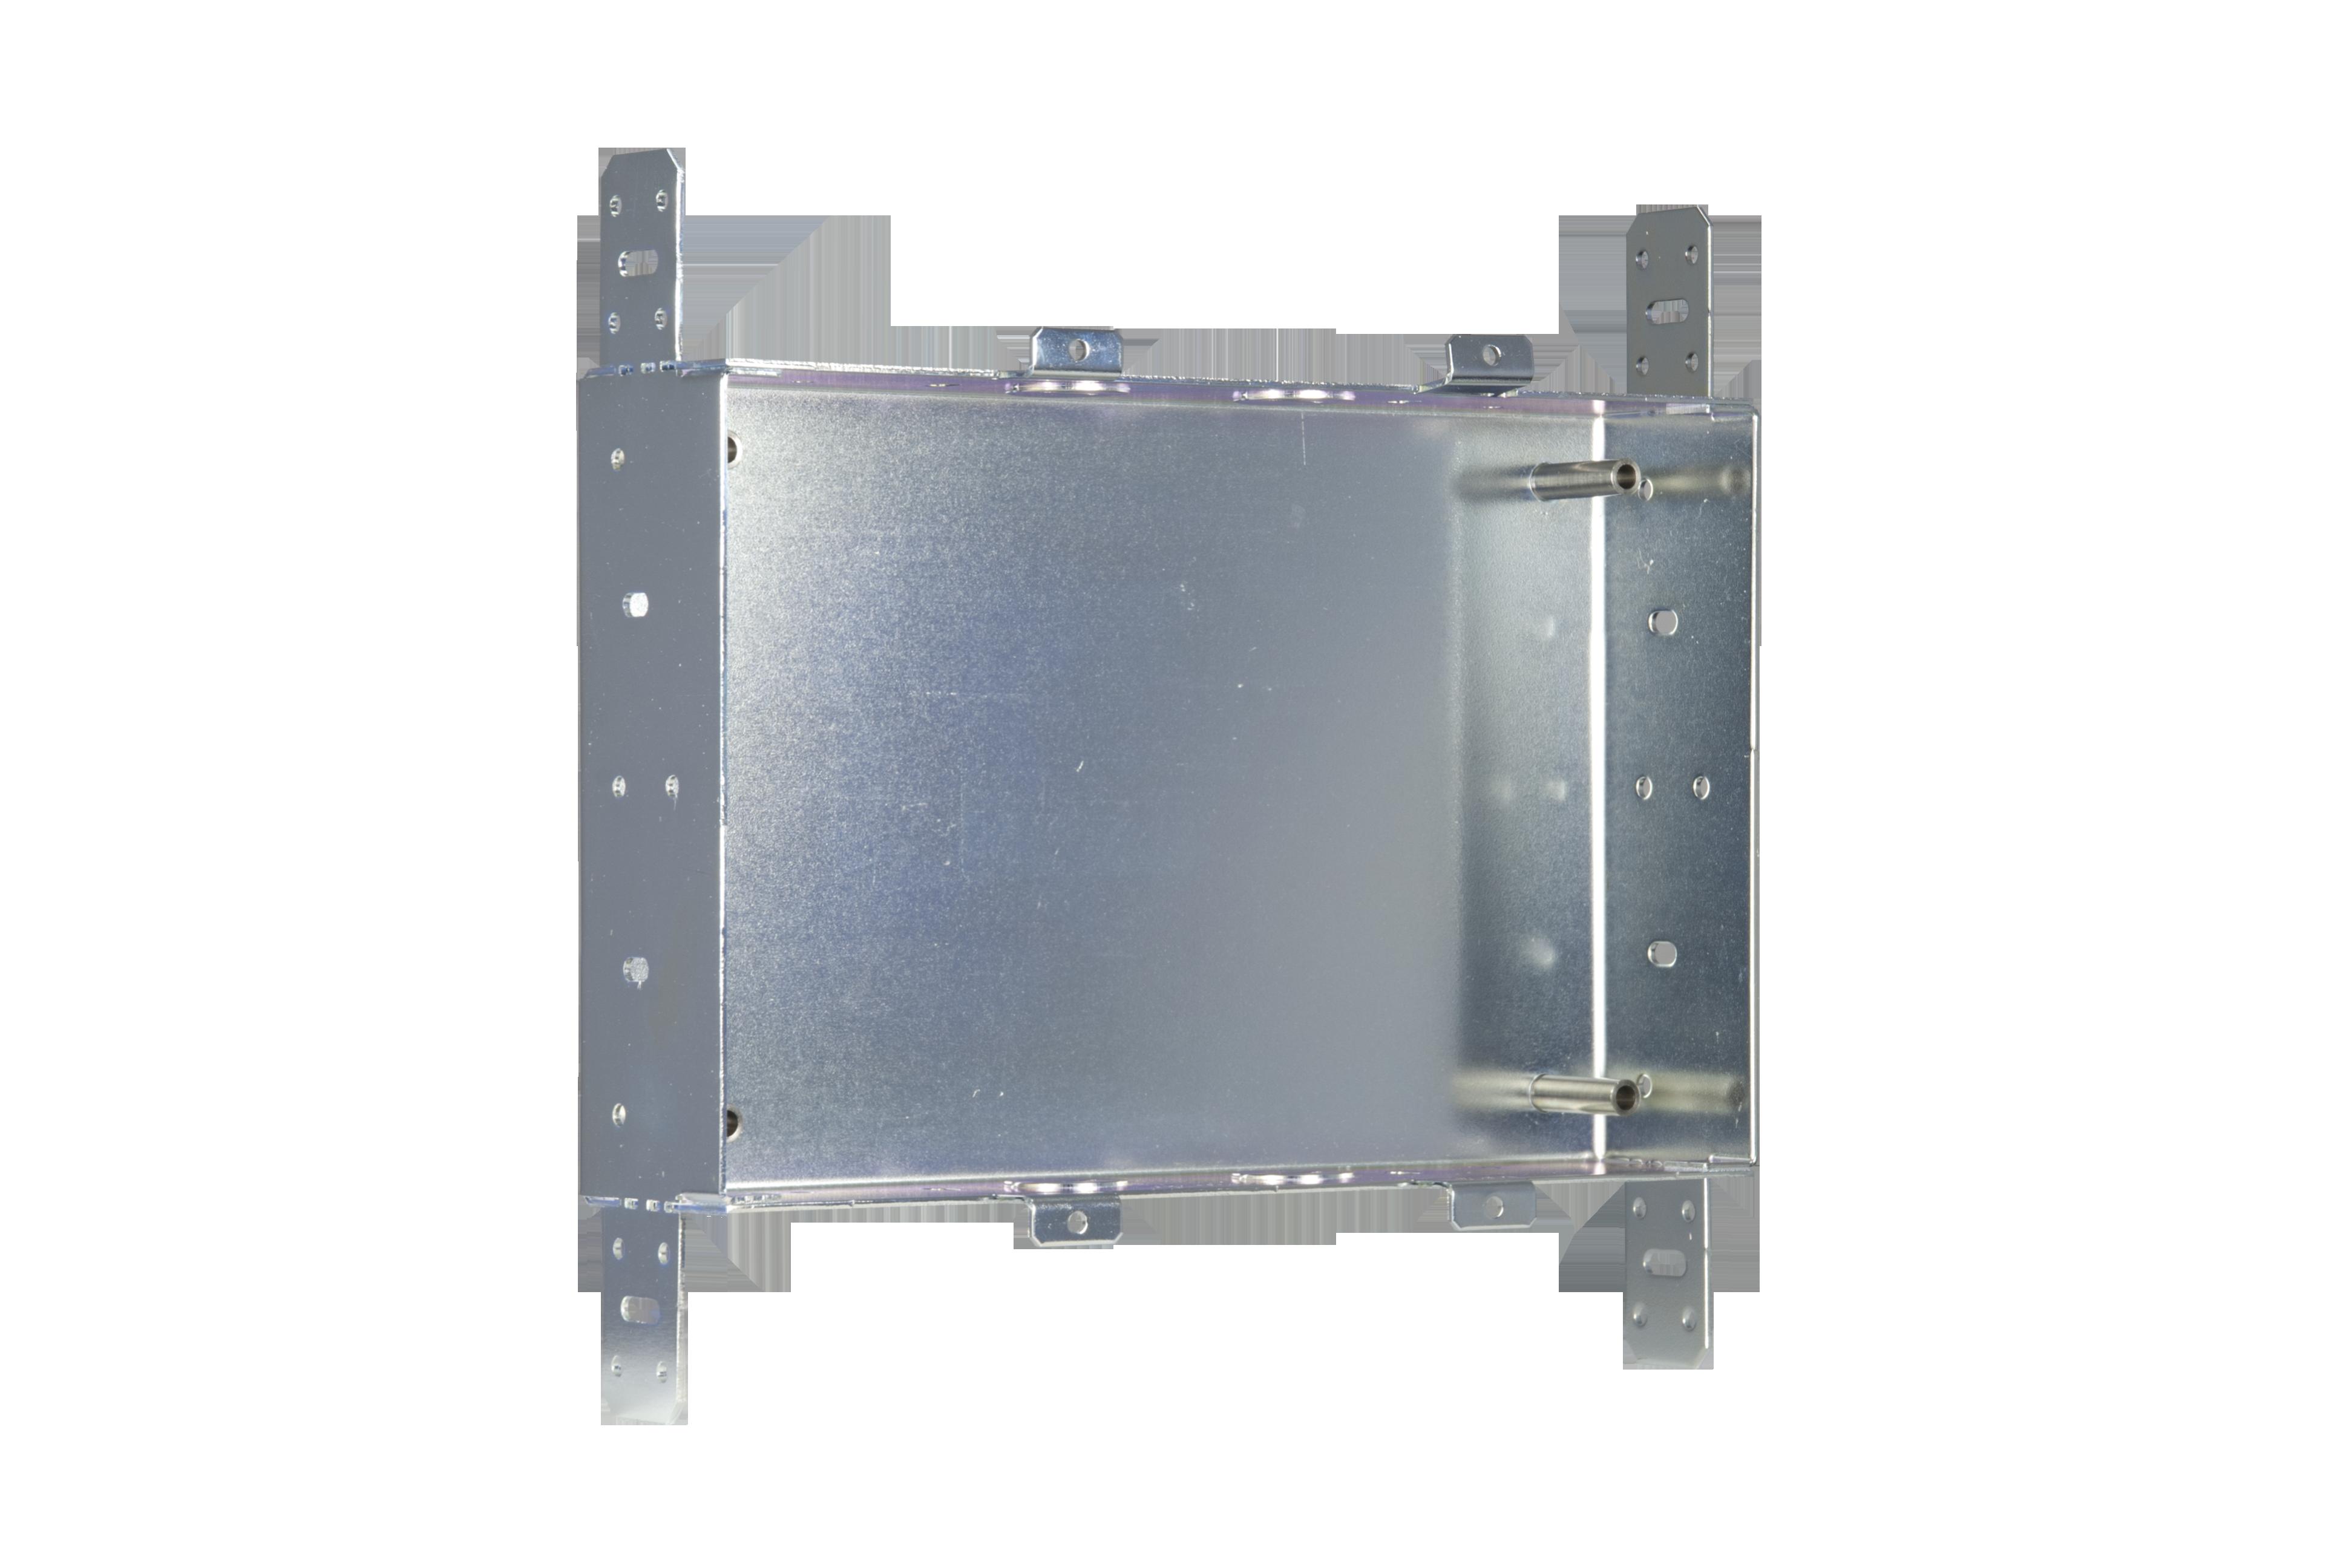 Cb Mxp10 Amx Audio Video Control Systems